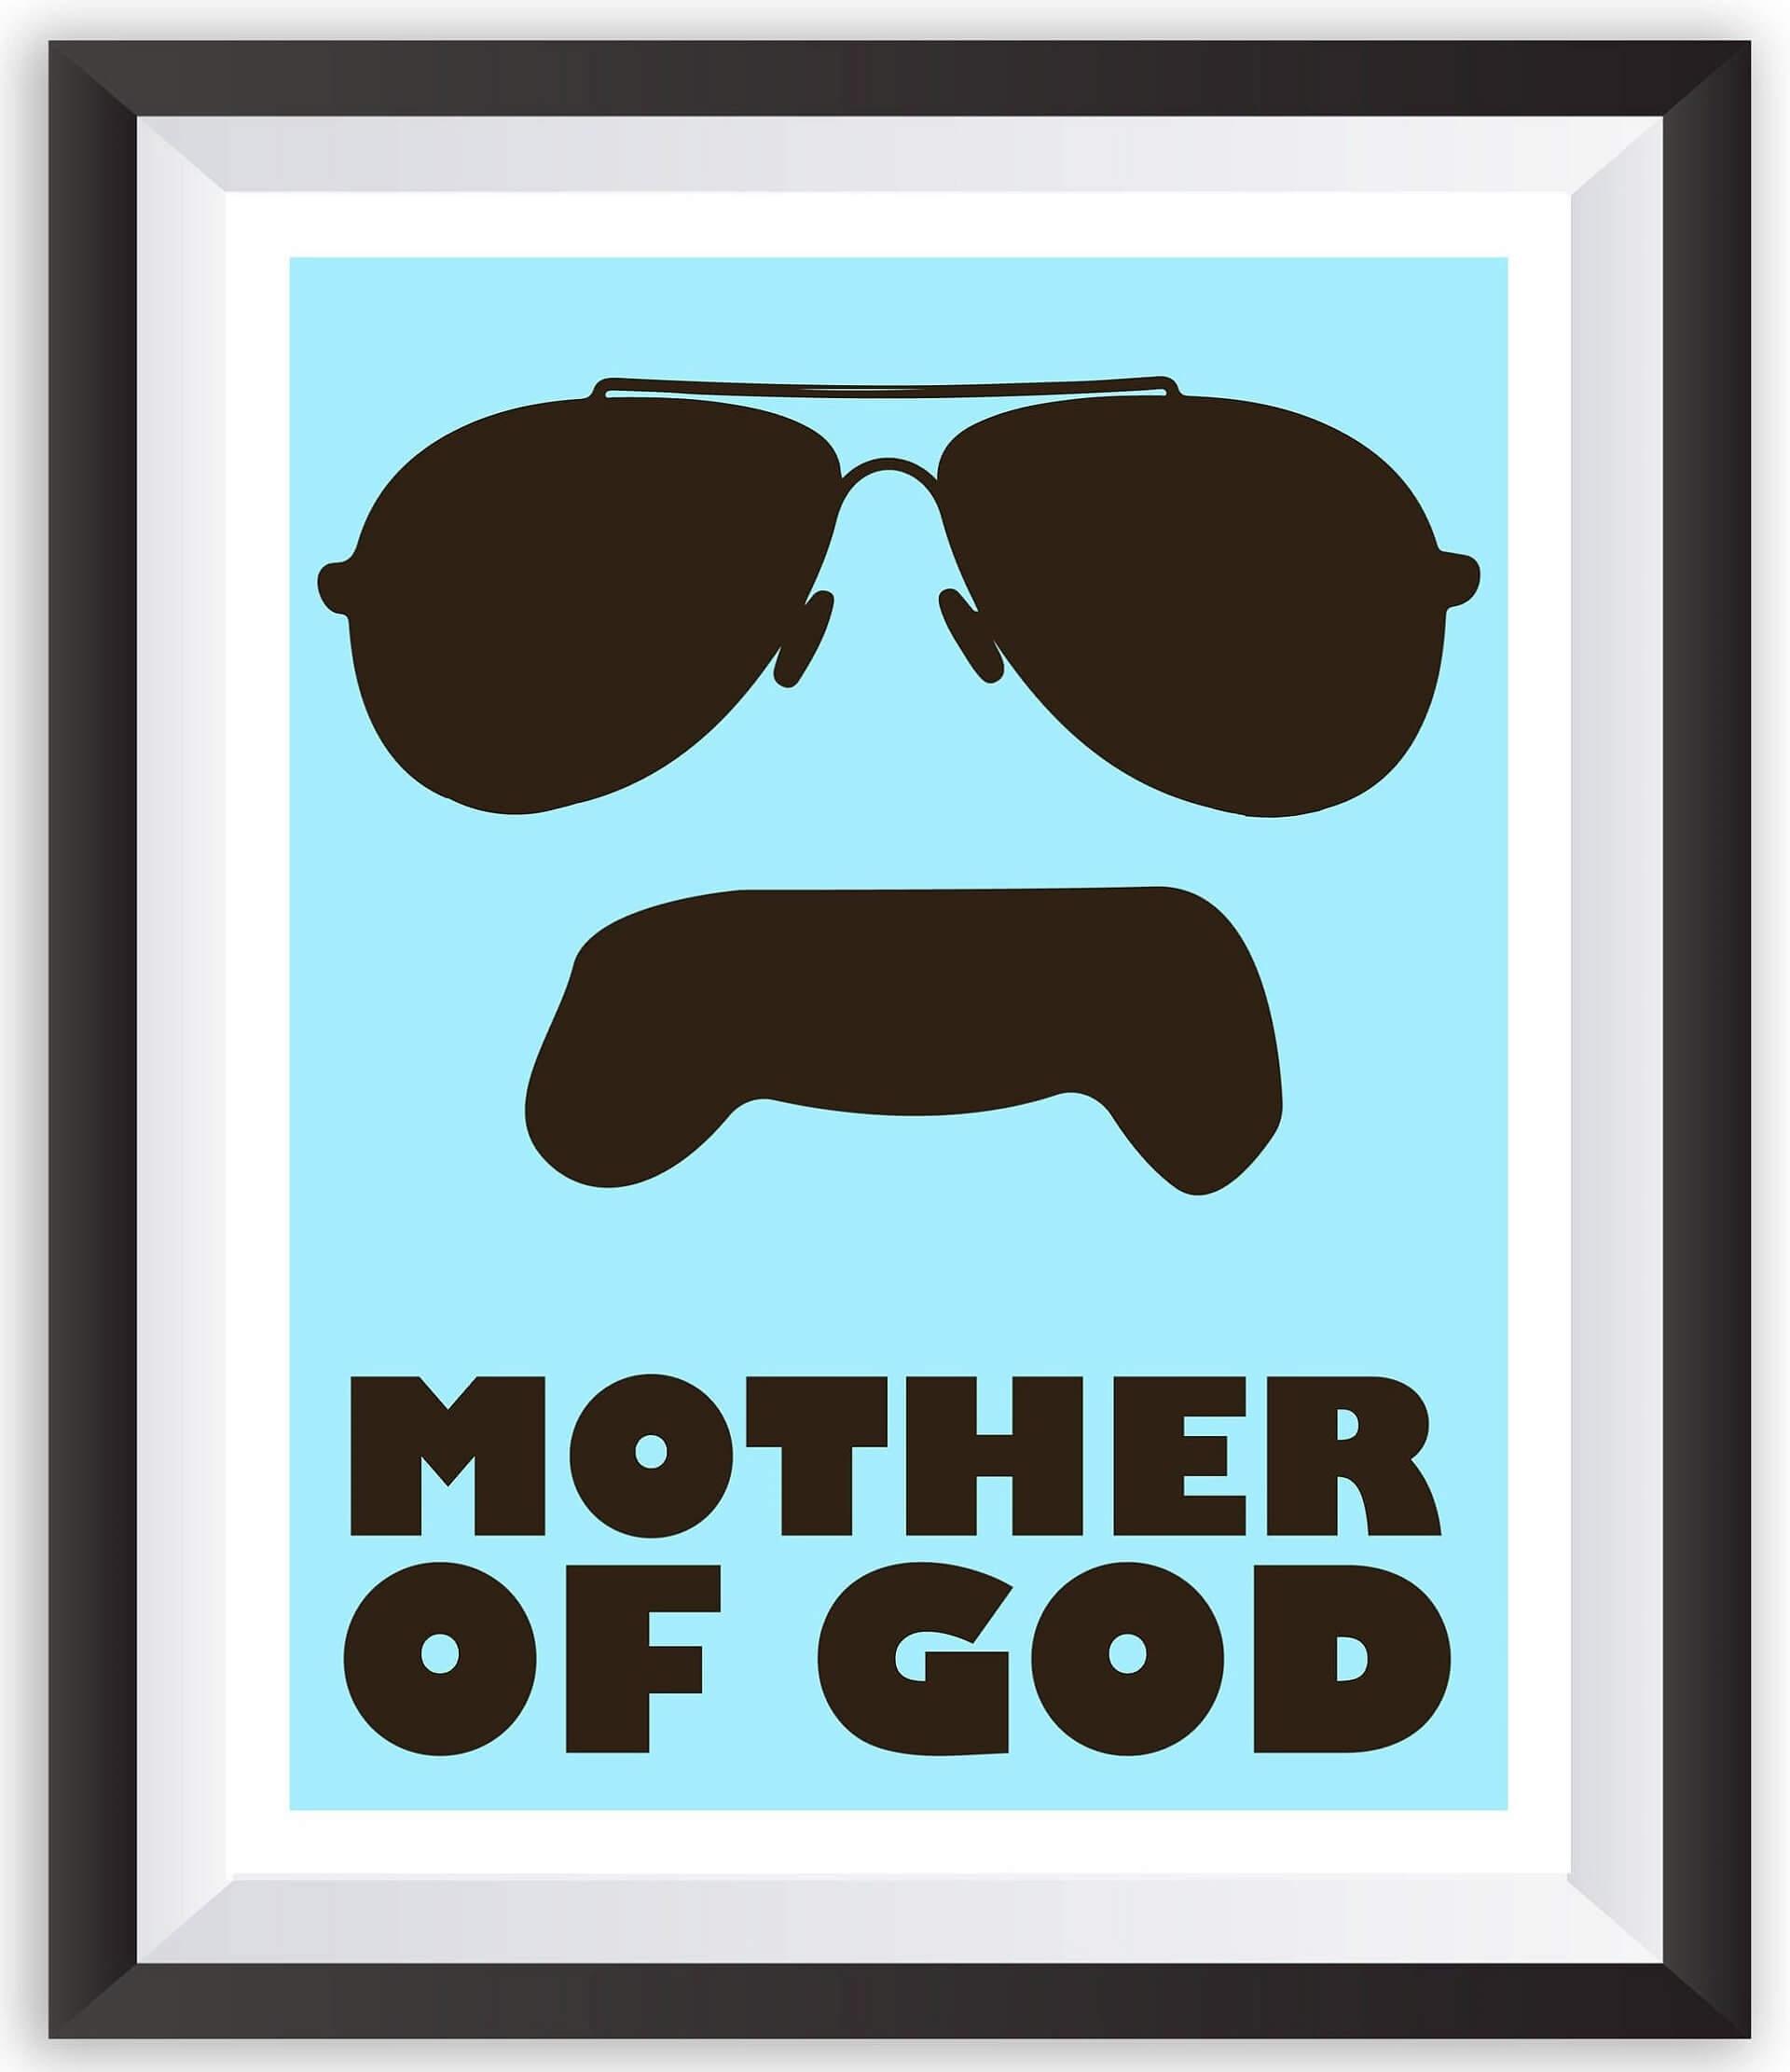 Mother of God meme HD Image 1920x